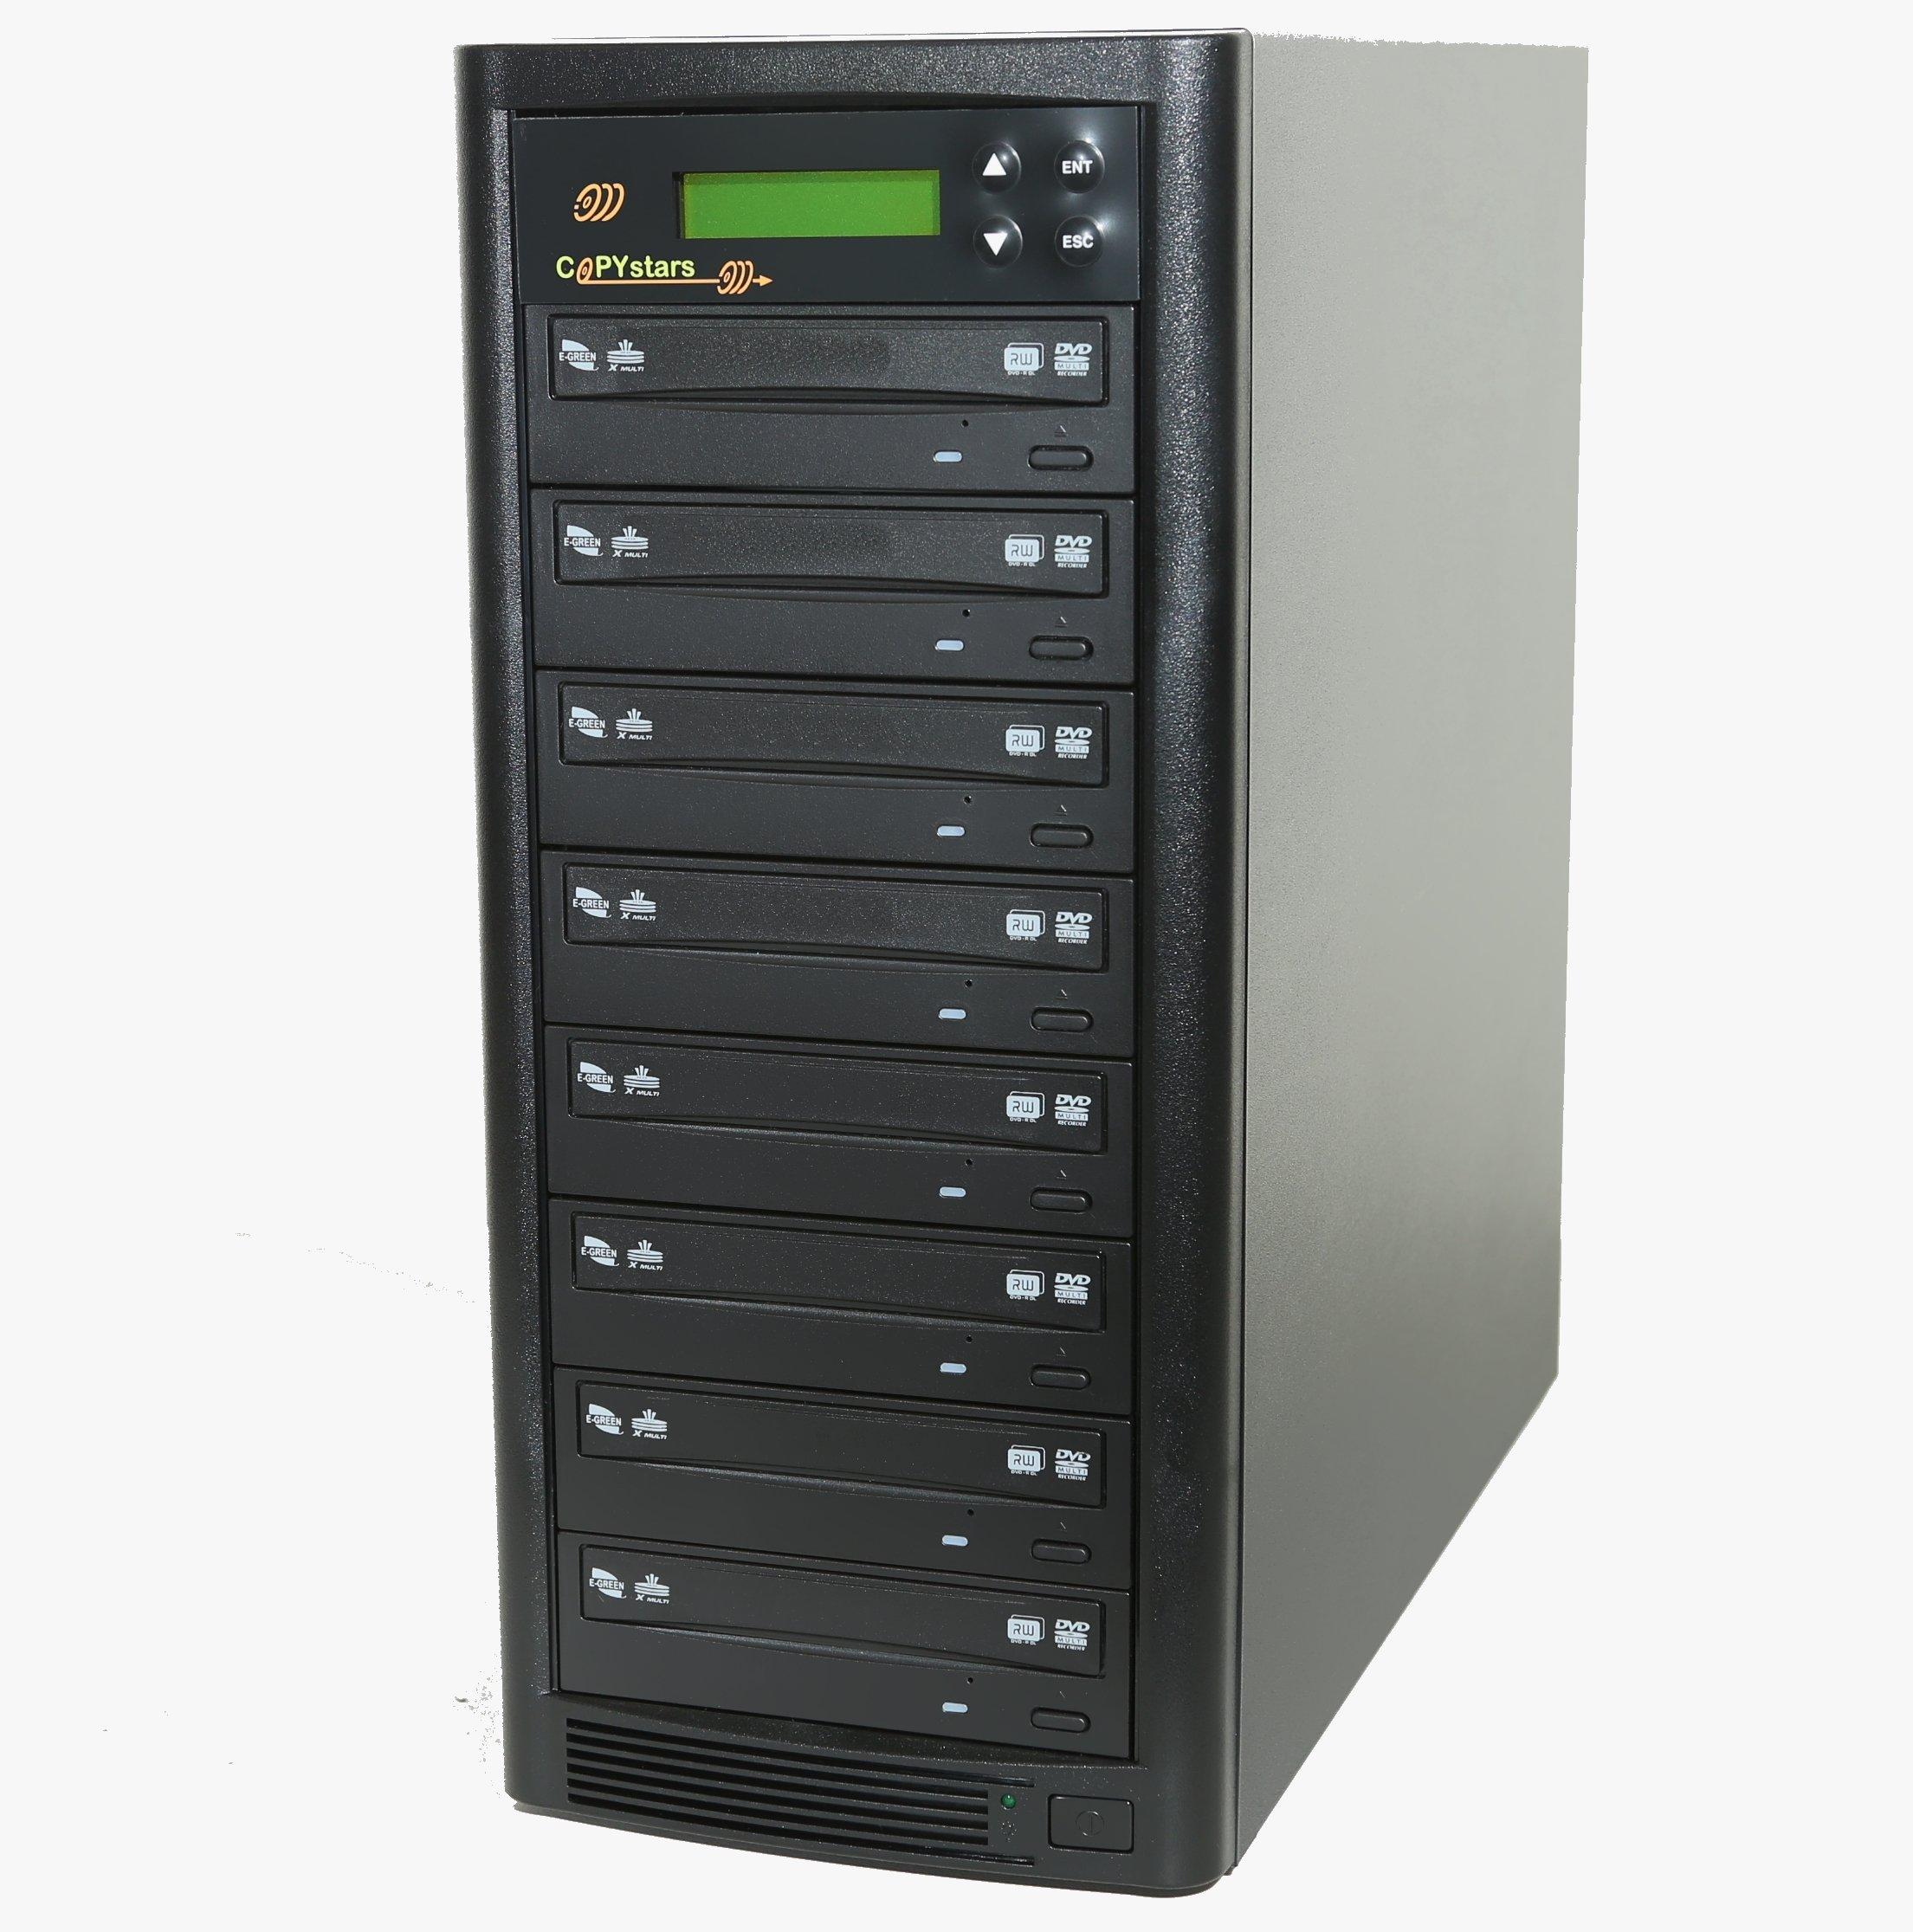 DVD Duplicator built-in Pioneer 22X Burner (1 to 7)